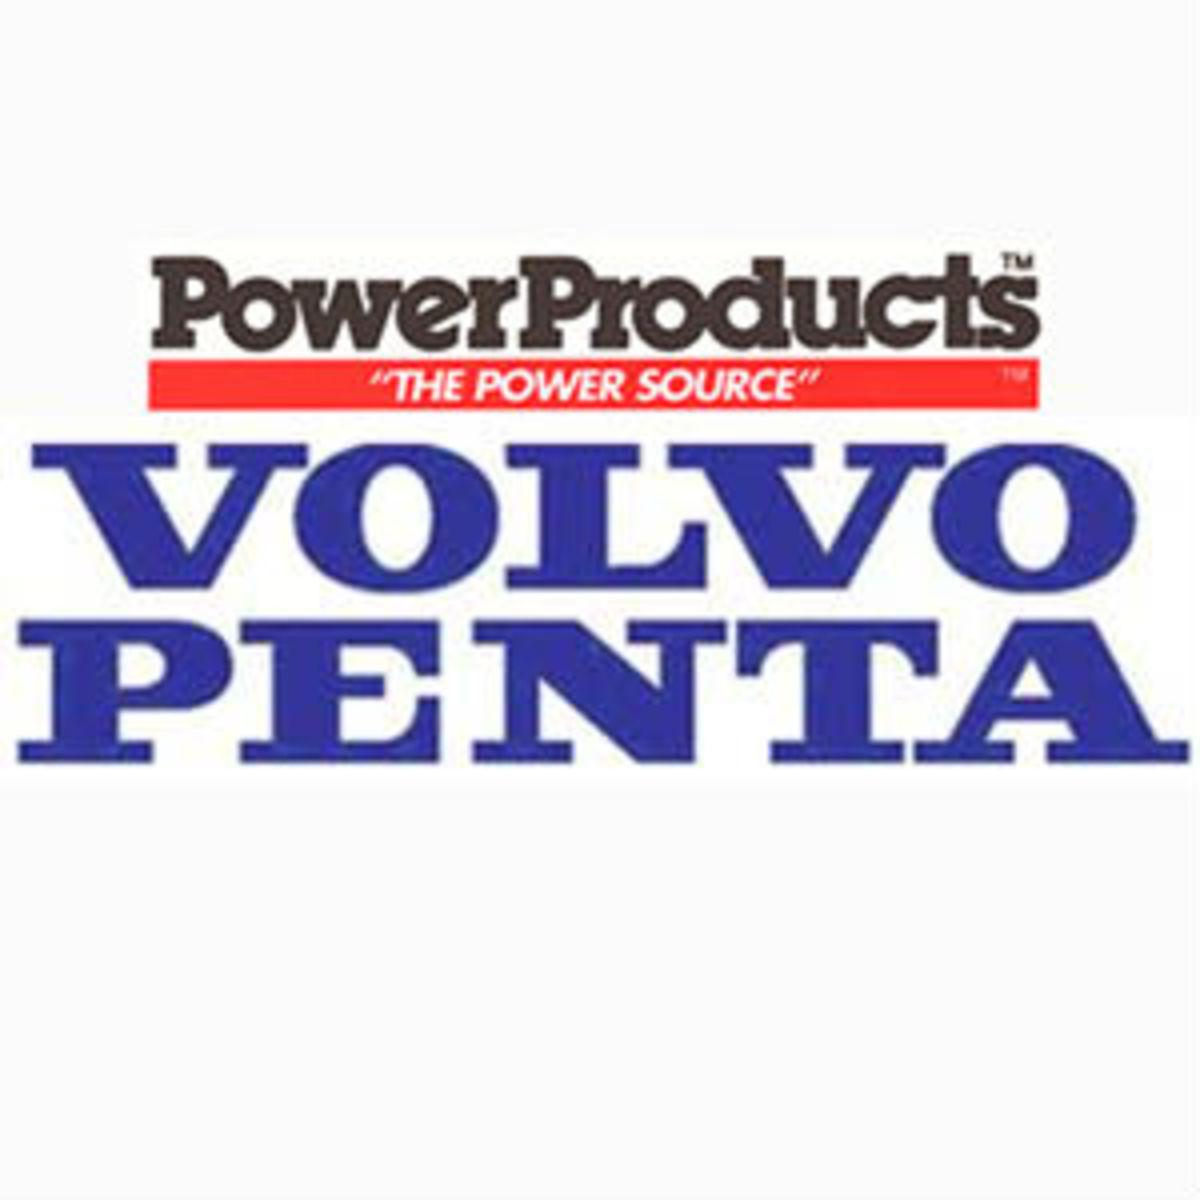 VolvoPowerProd